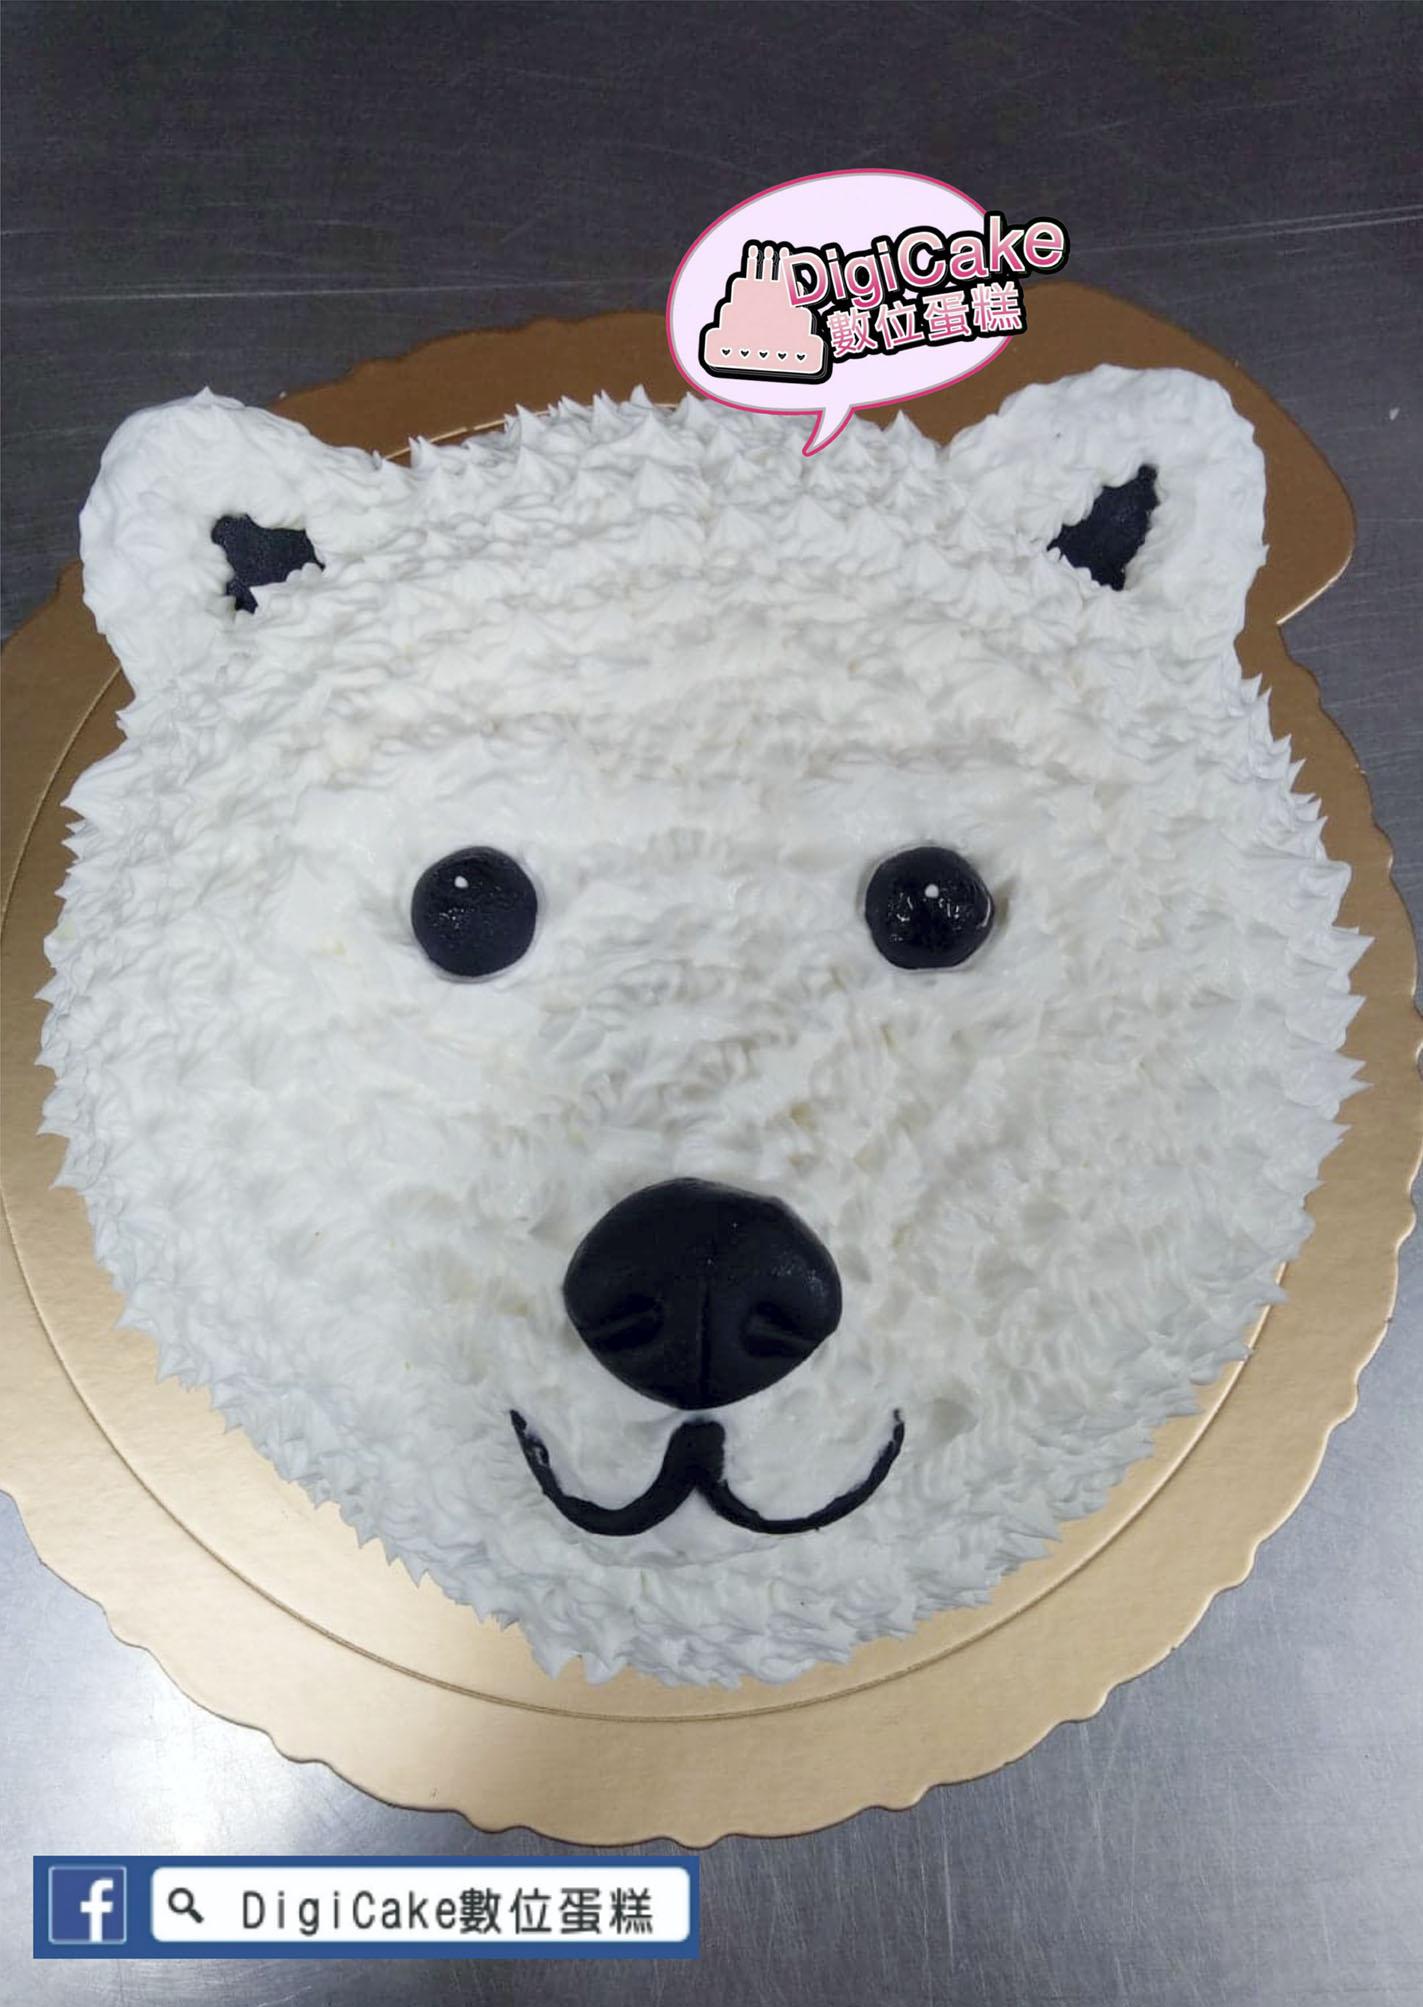 點此進入白北極熊造型蛋糕的詳細資料!